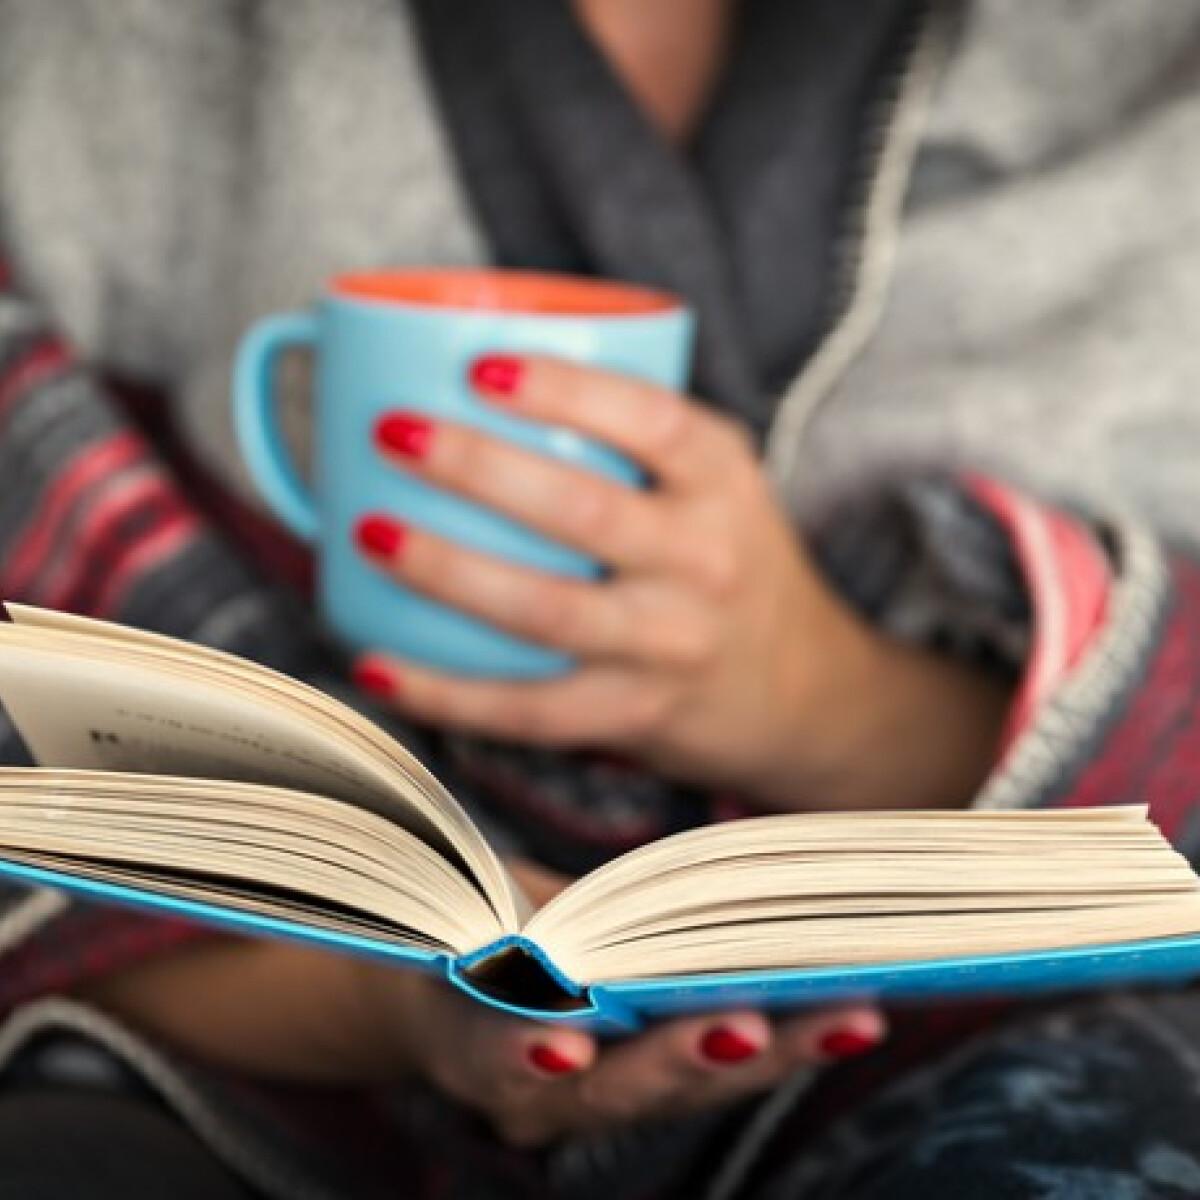 Te sem kávézol már lefekvés előtt? Úgy tűnik, ideje ezen a szokáson változtatnod